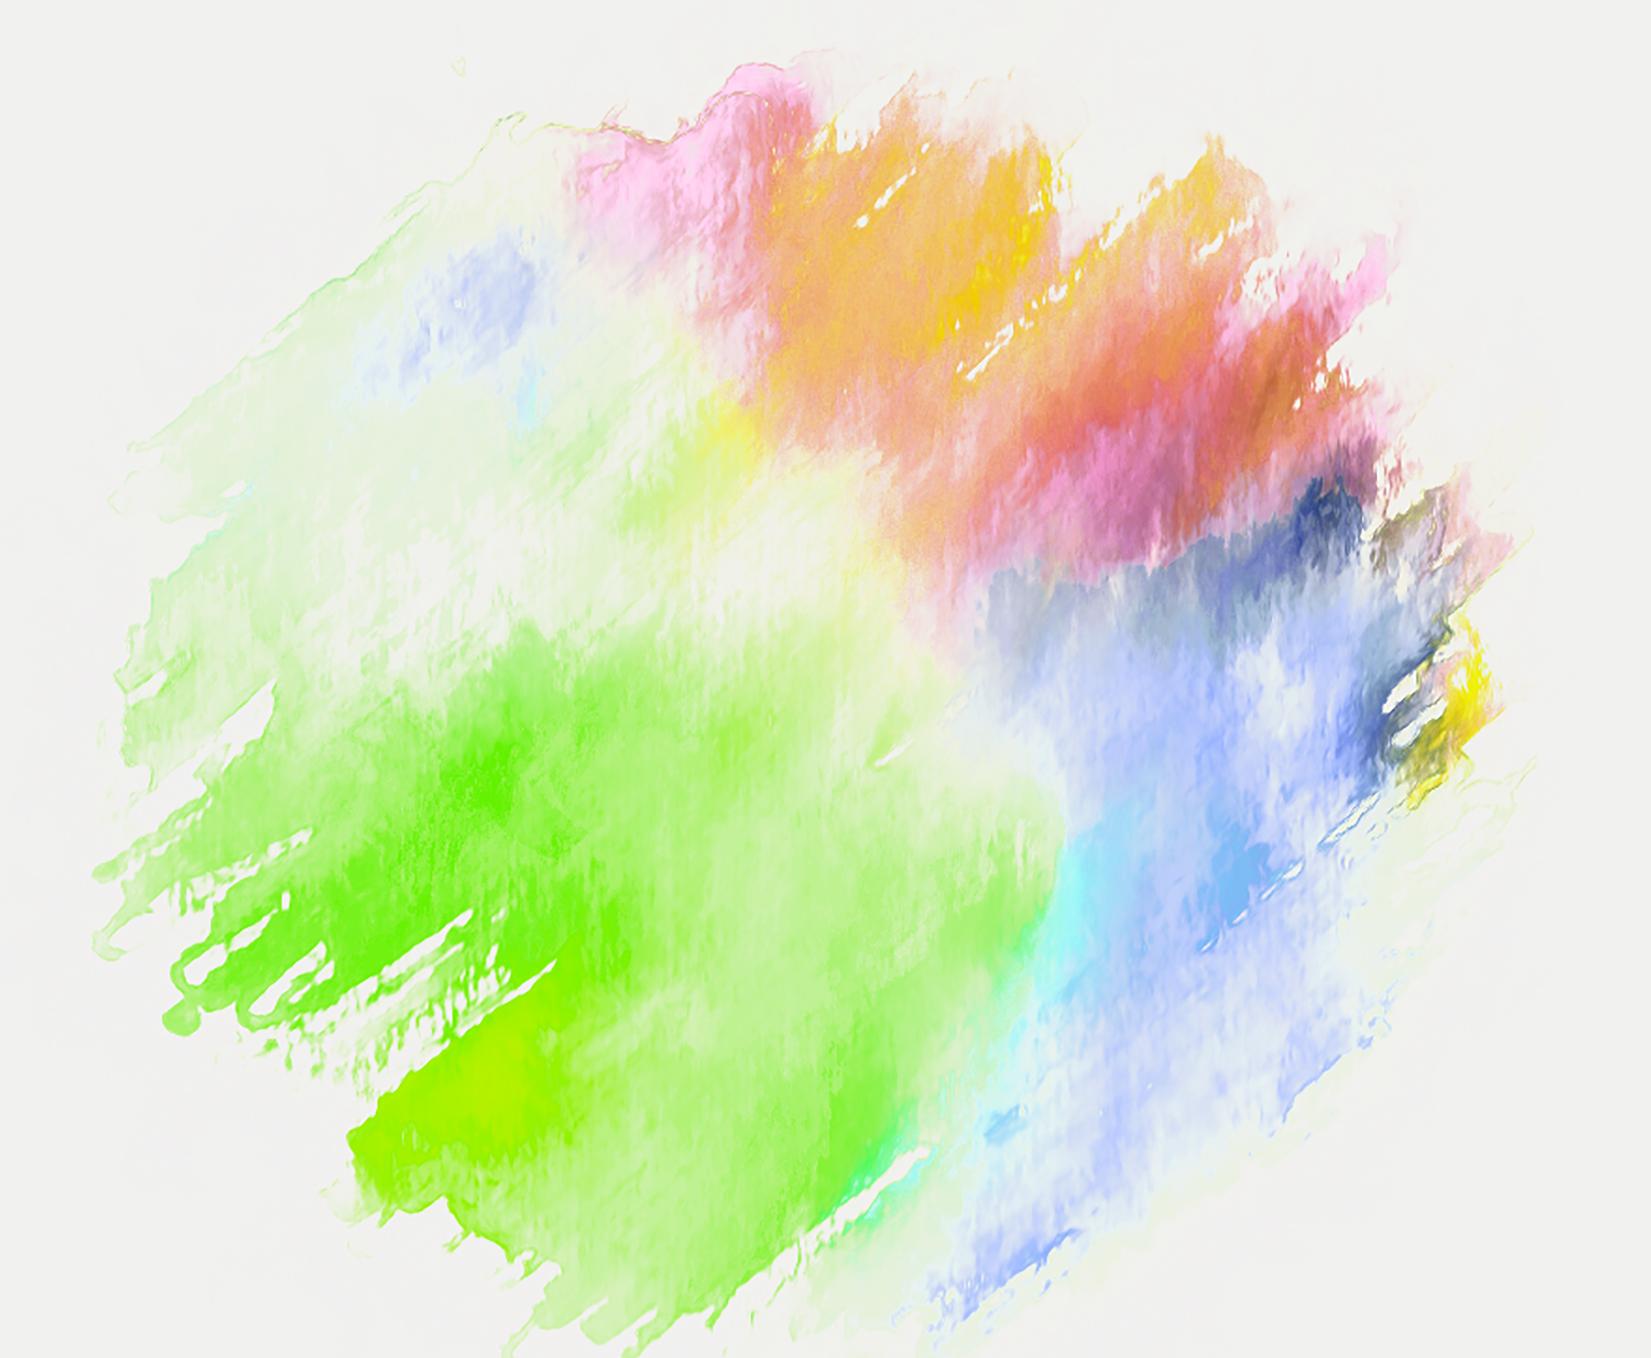 Watercolor paint,Paint,Dye,Illustration,Painting,Art #4387473.